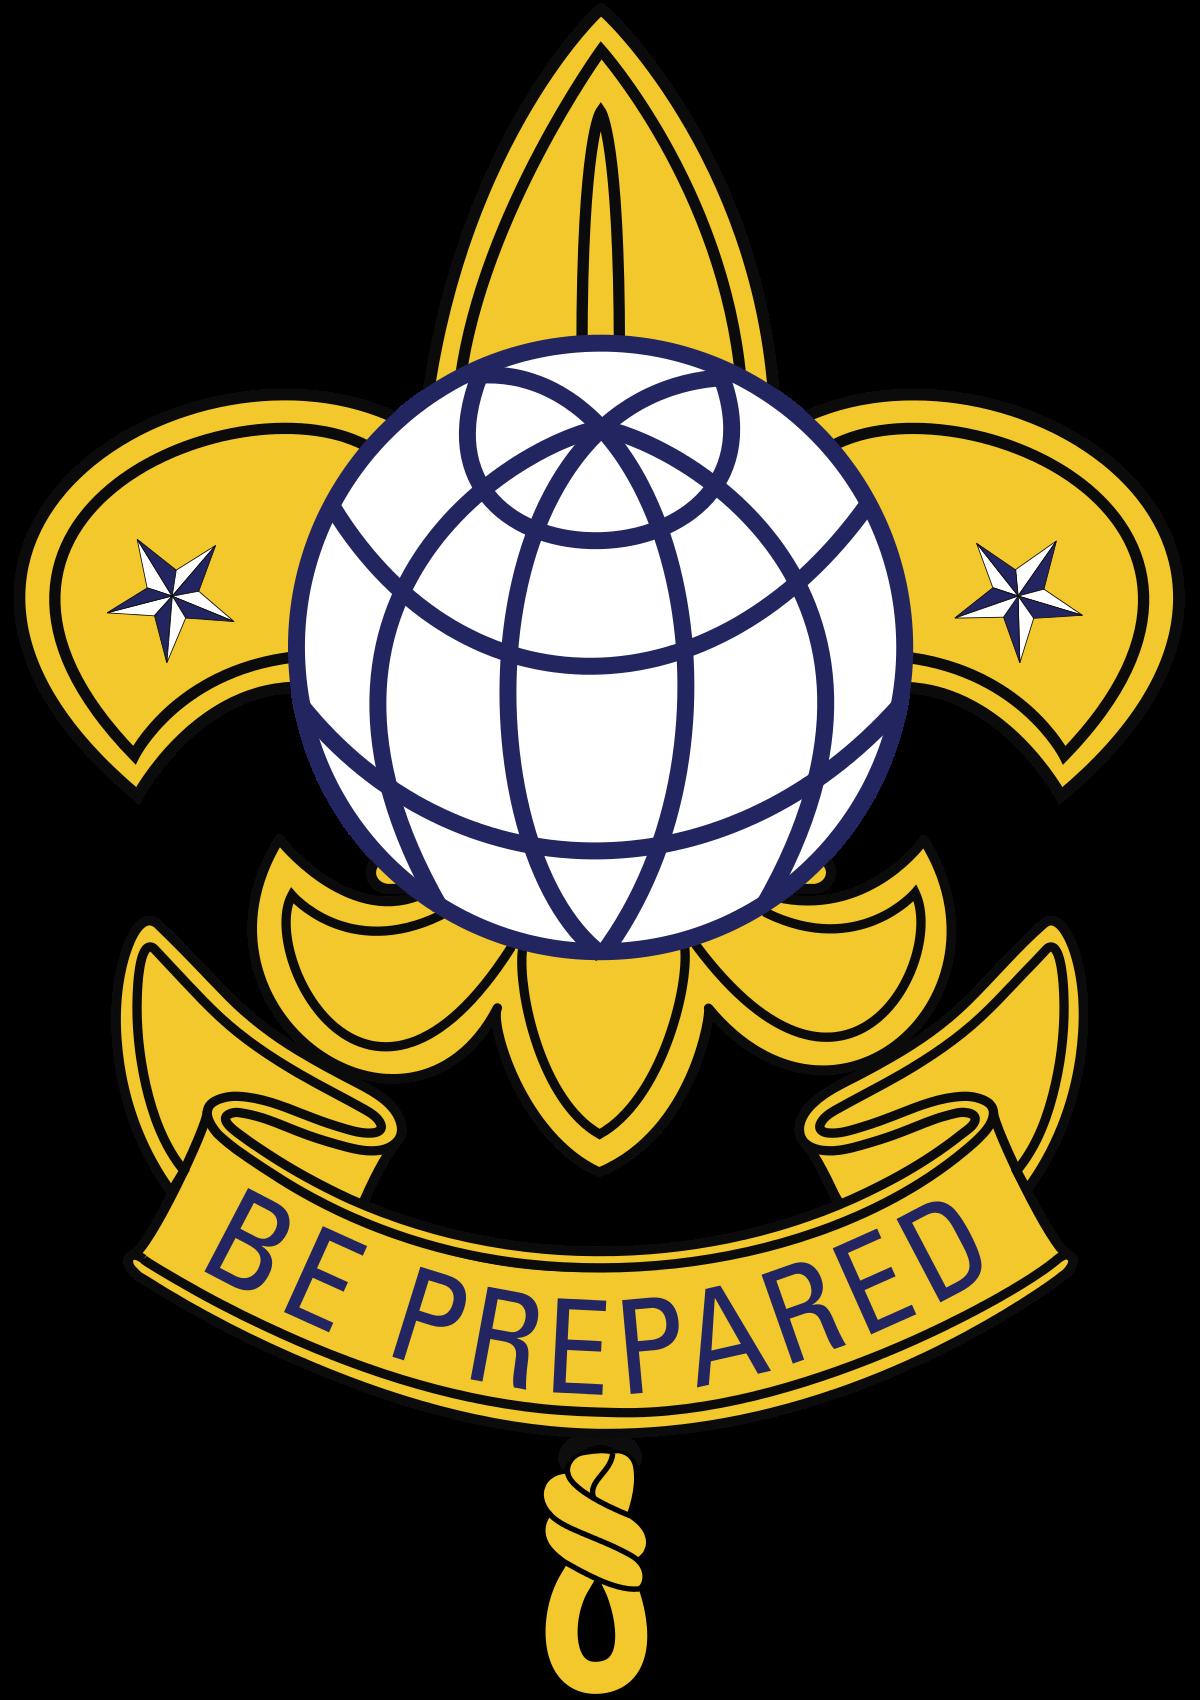 Eagle Scout Emblem Clip Art - Bsa Eagle Scout Medal - Free Transparent PNG  Clipart Images Download